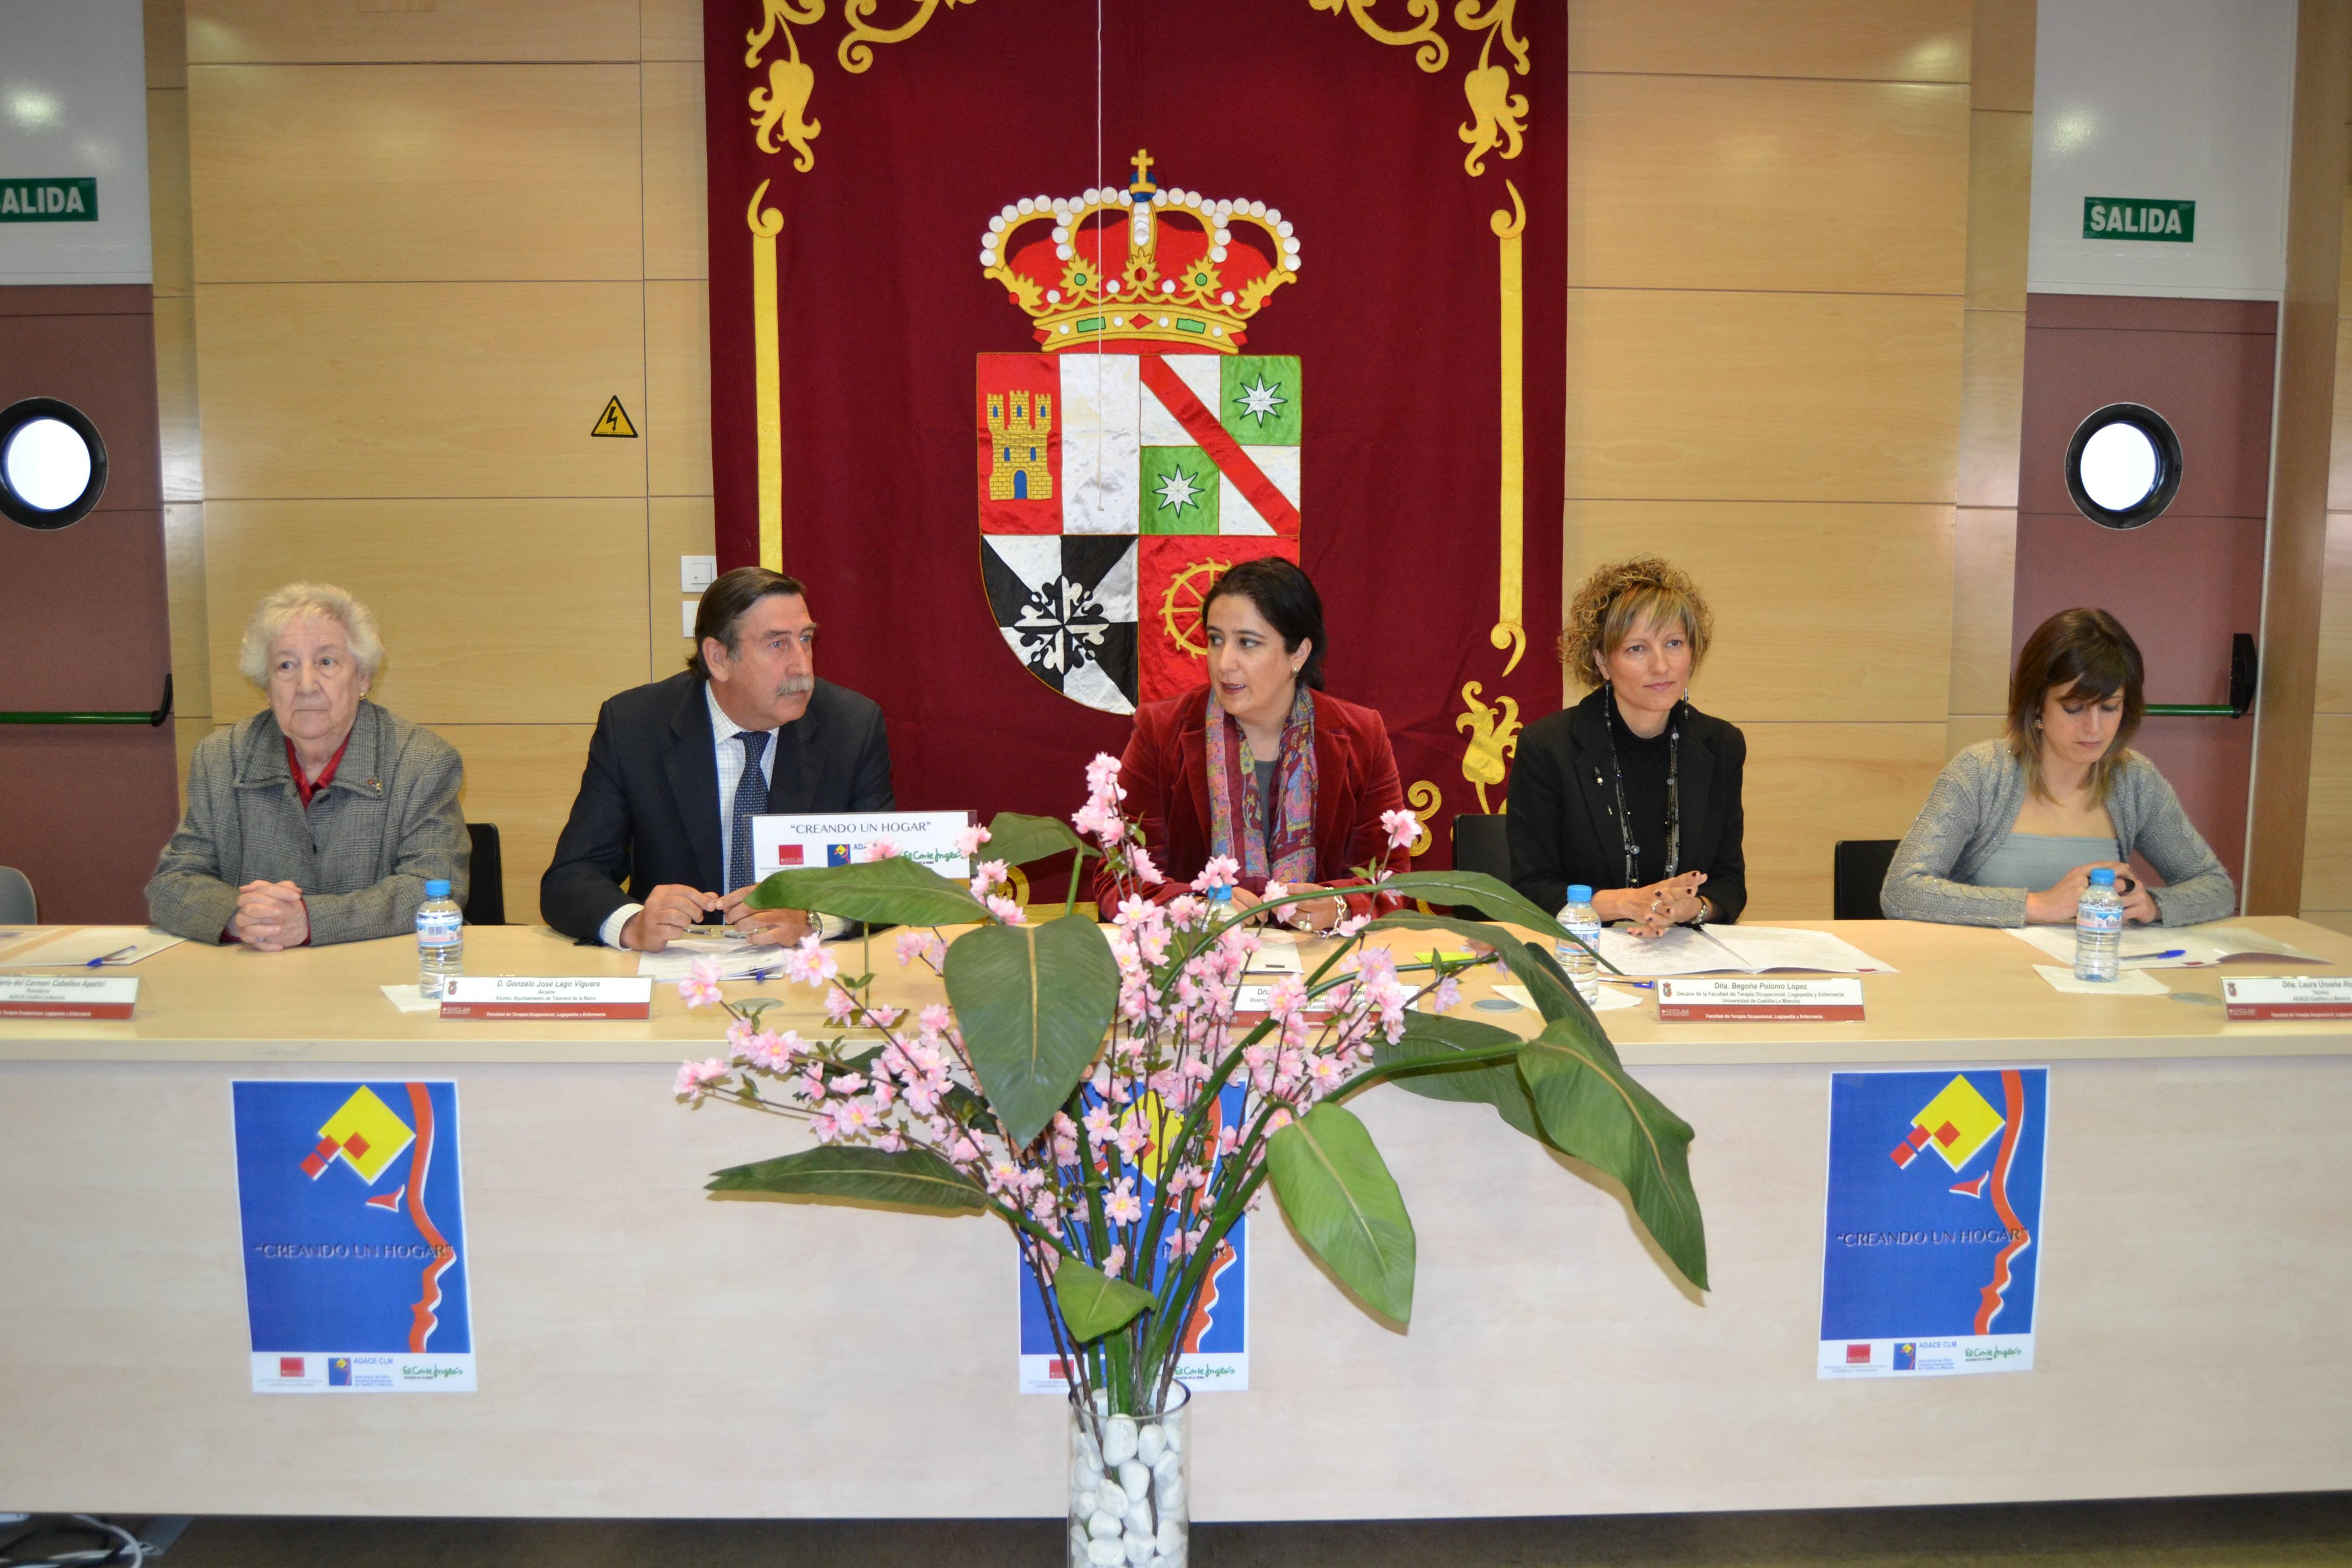 La Universidad de Castilla-La Mancha, Adace y El Corte Inglés firman un convenio de colaboración